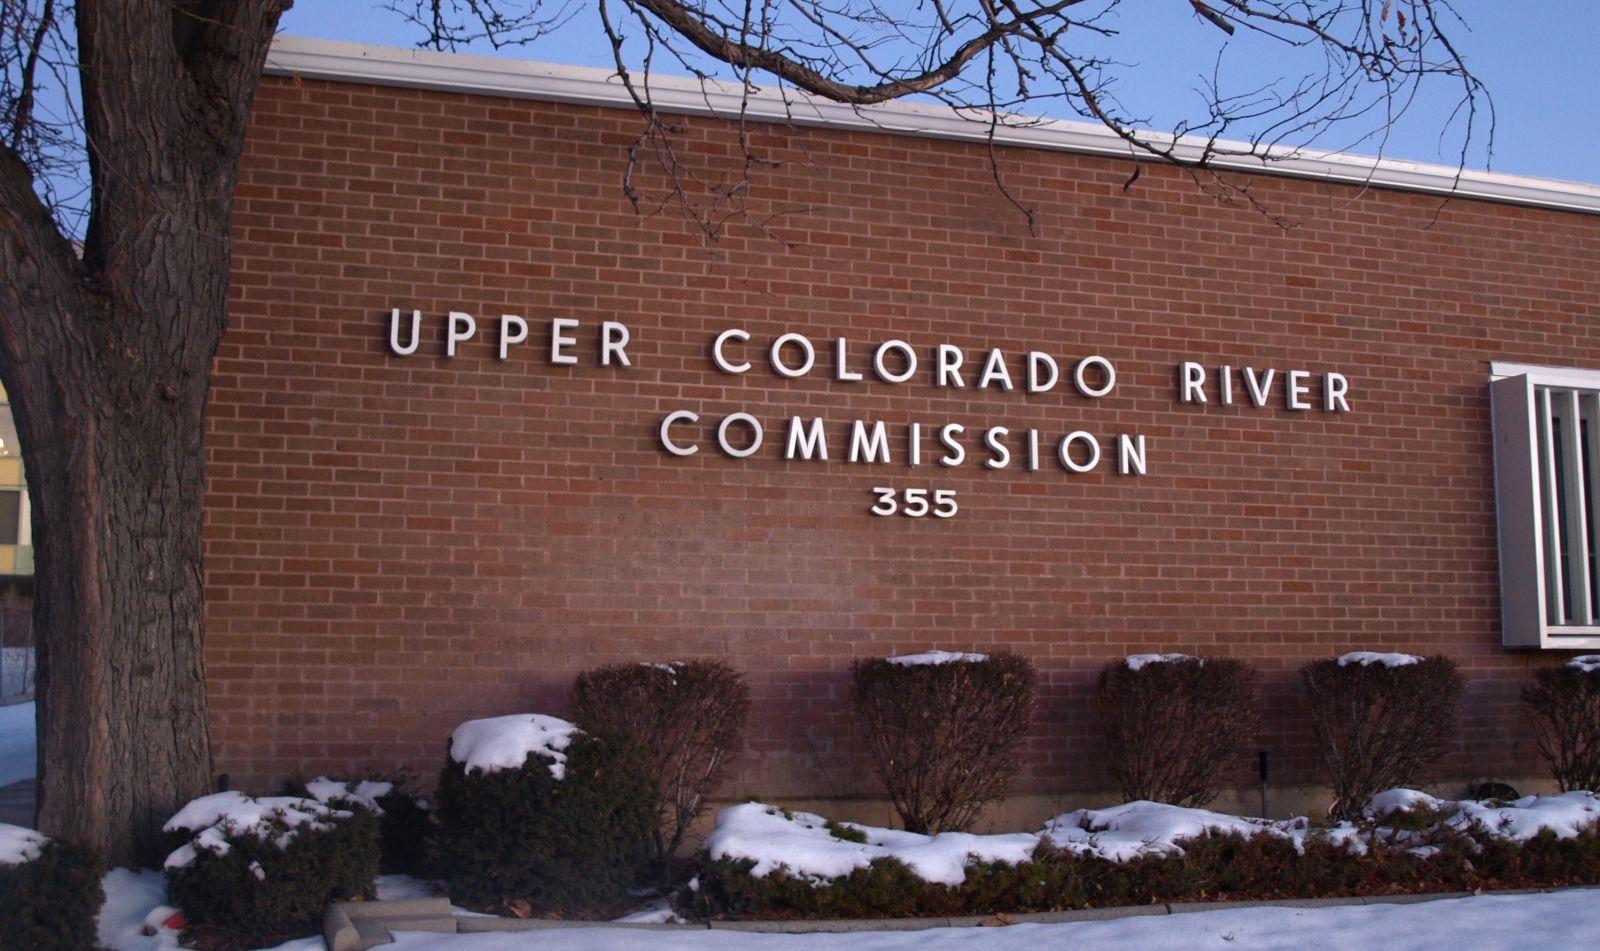 Upper Colorado River Commission